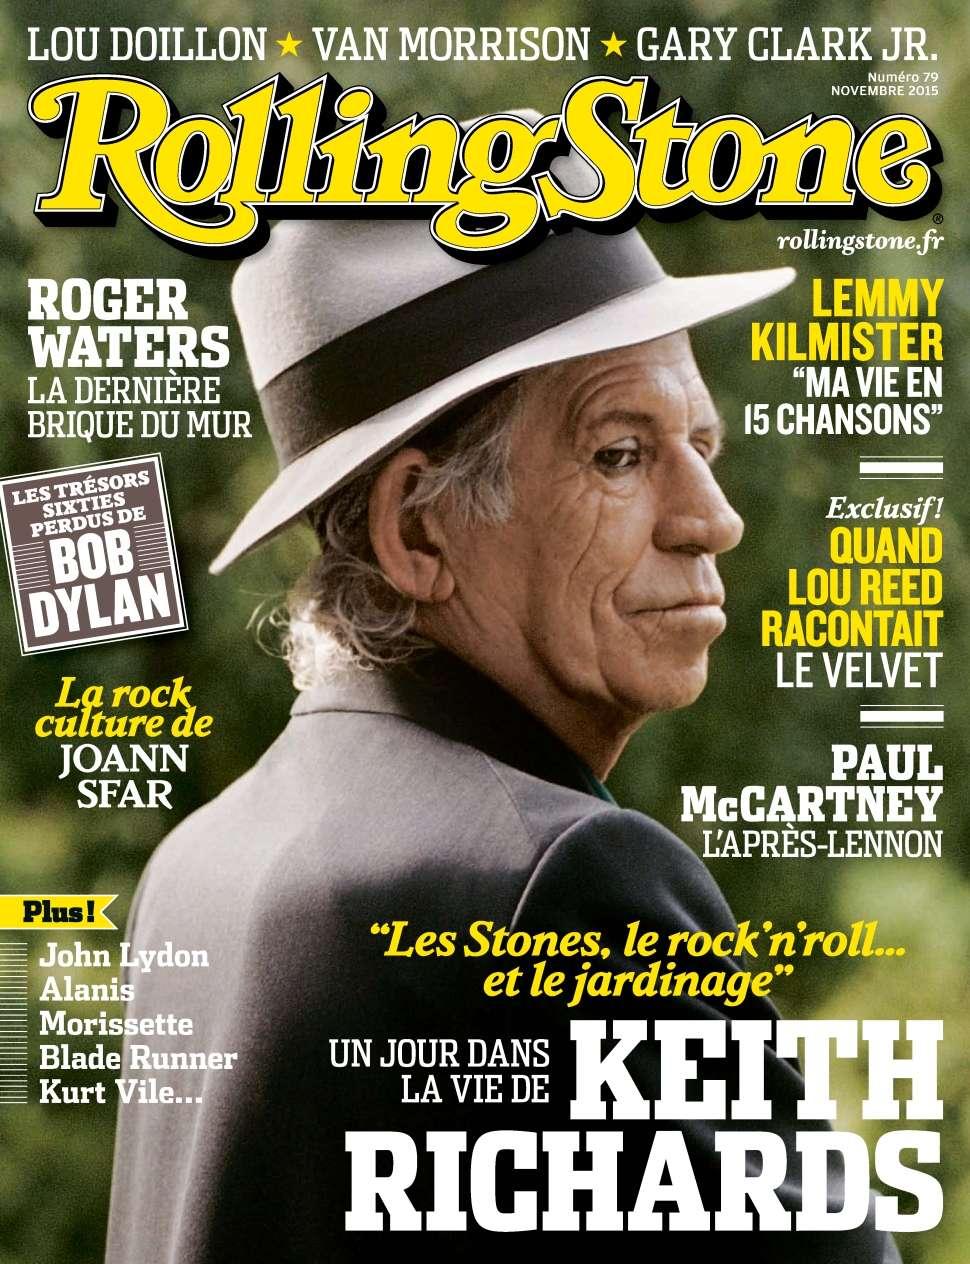 Rolling Stone 79 - Novembre 2015